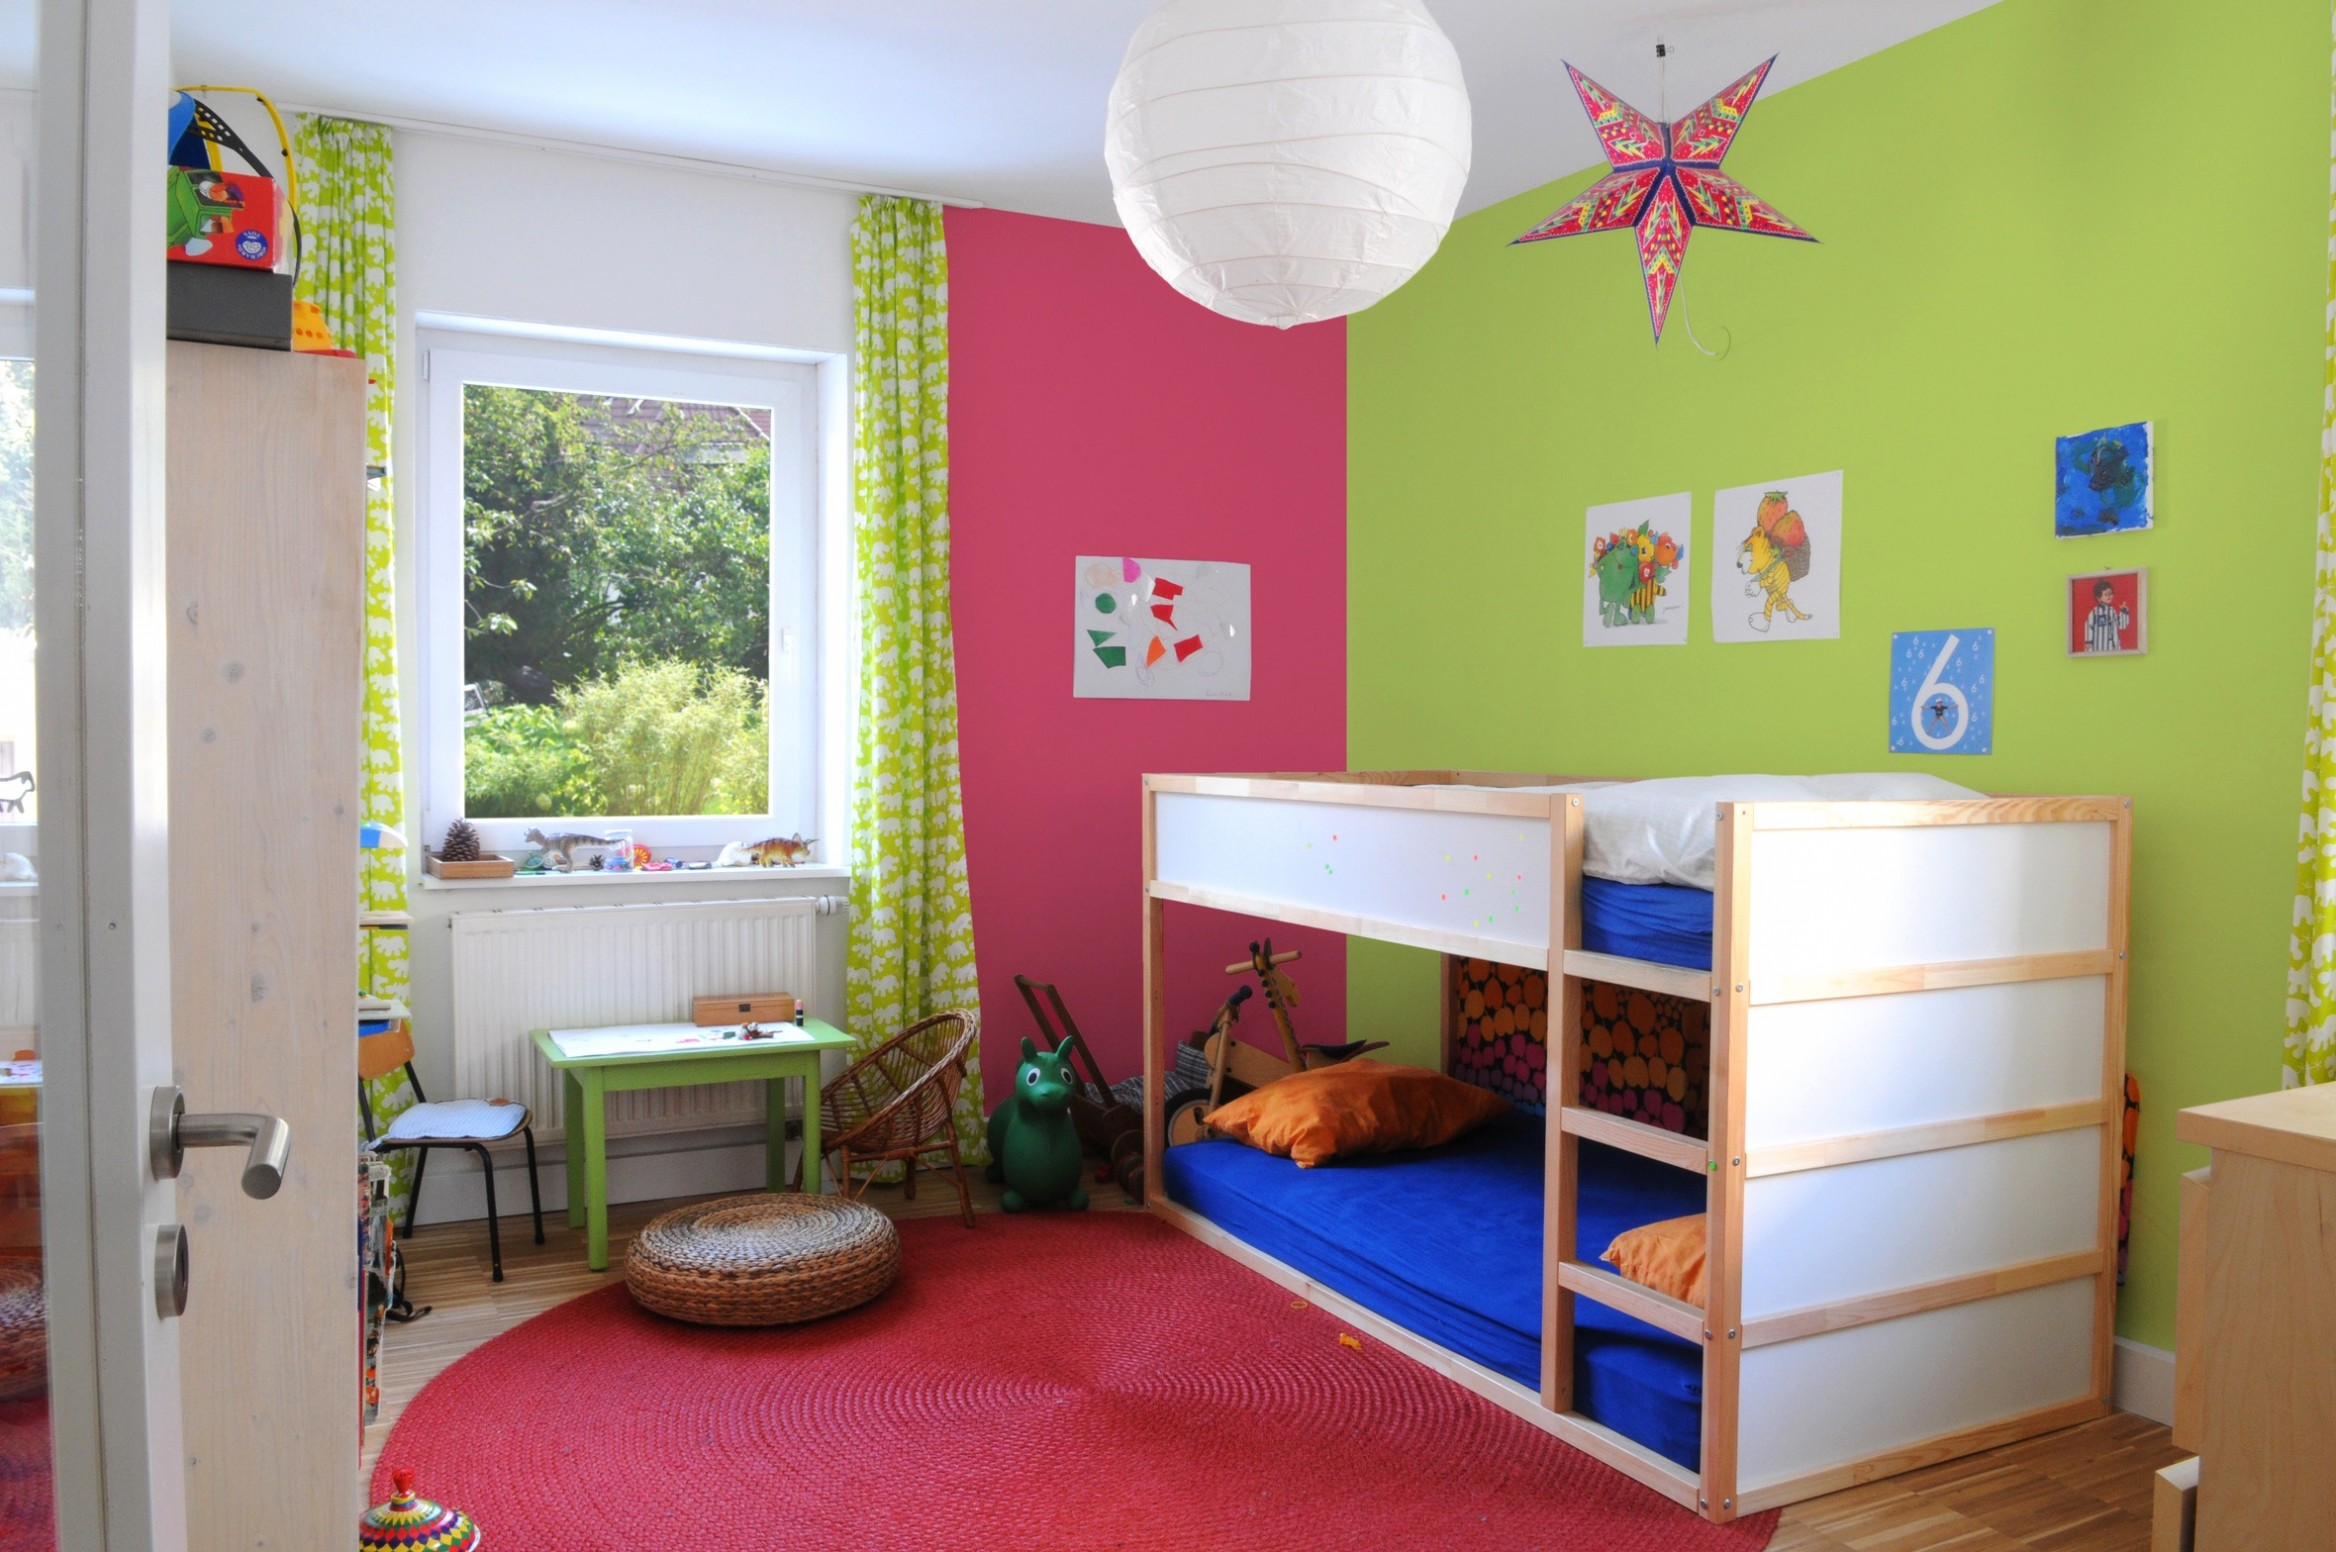 Full Size of Günstige Schlafzimmer Regale Kinderzimmer Betten 140x200 Günstiges Bett Regal Sofa Küche Mit E Geräten Fenster Weiß Komplett 180x200 Kinderzimmer Günstige Kinderzimmer